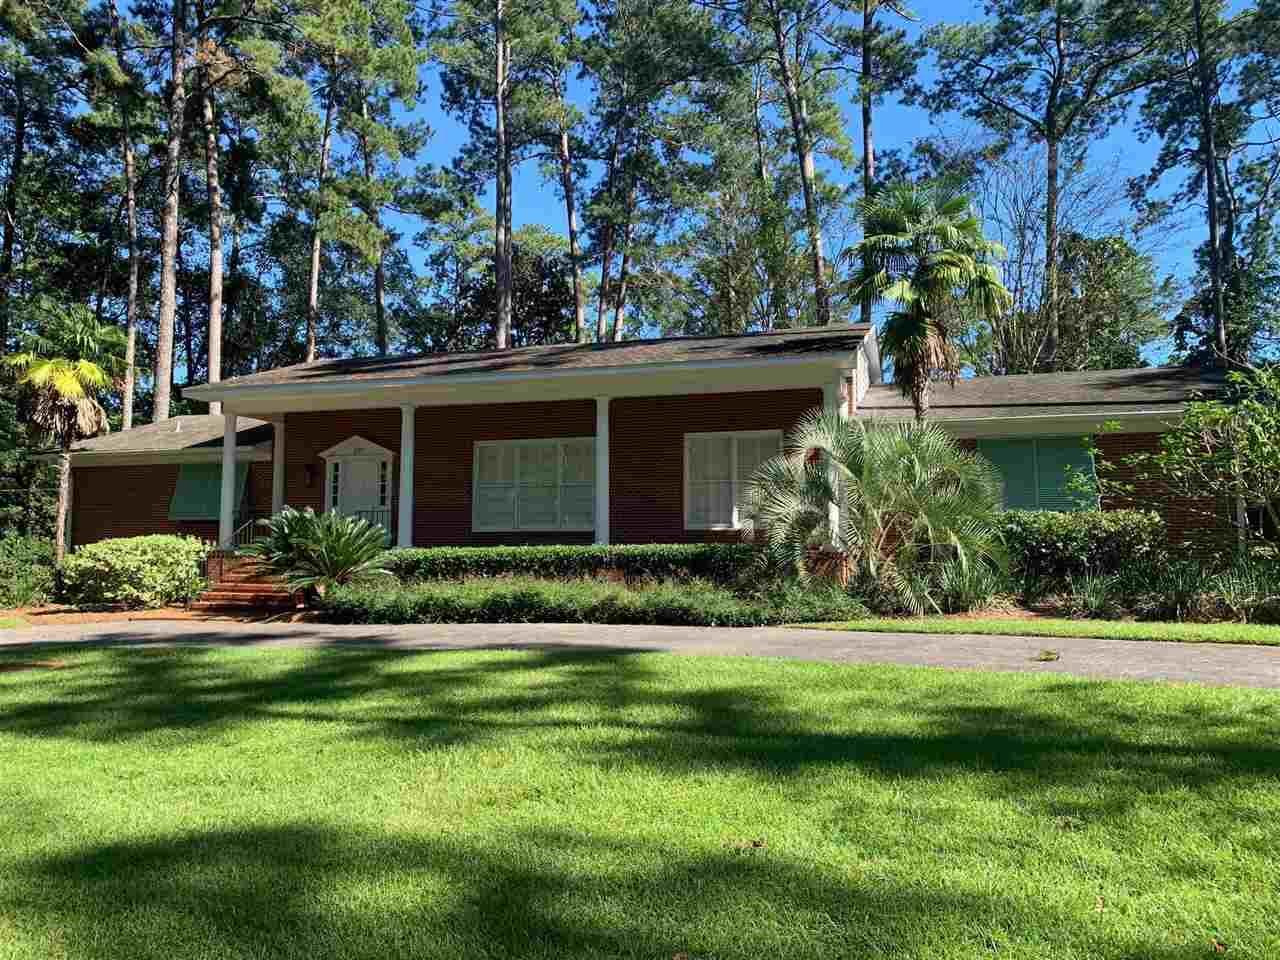 2117 Jenette Street, Tallahassee, FL 32308 - MLS#: 324262